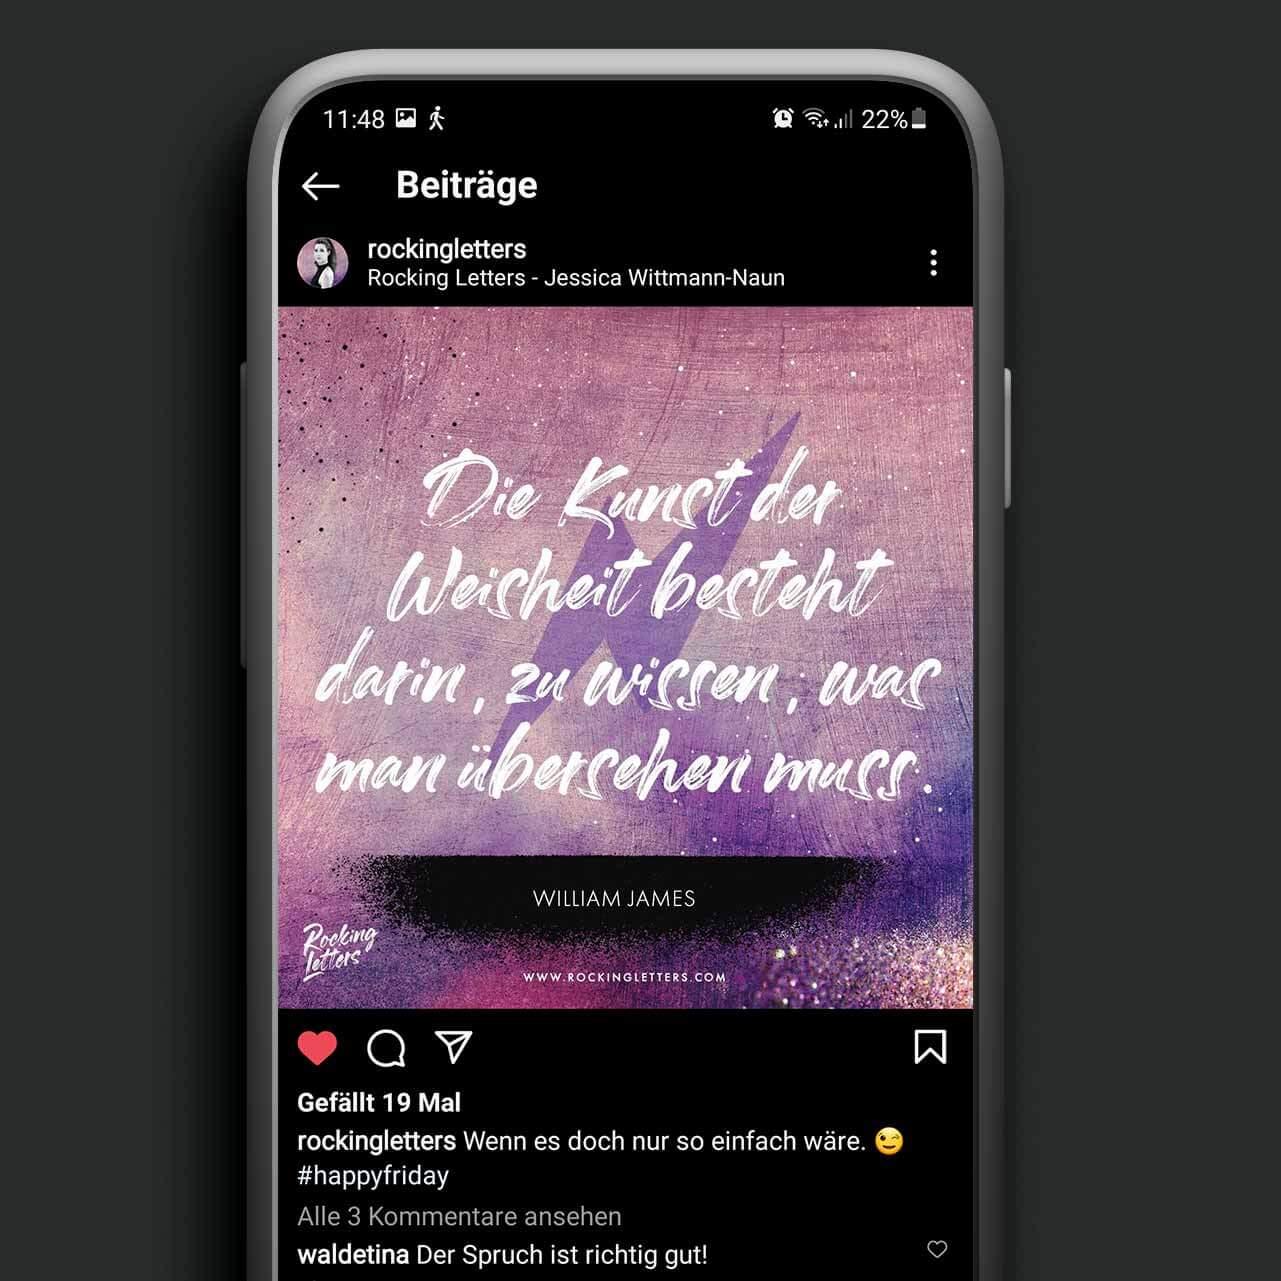 iPhones mit dem neuen Instagram Feed Design Beitrag für Rocking Letters